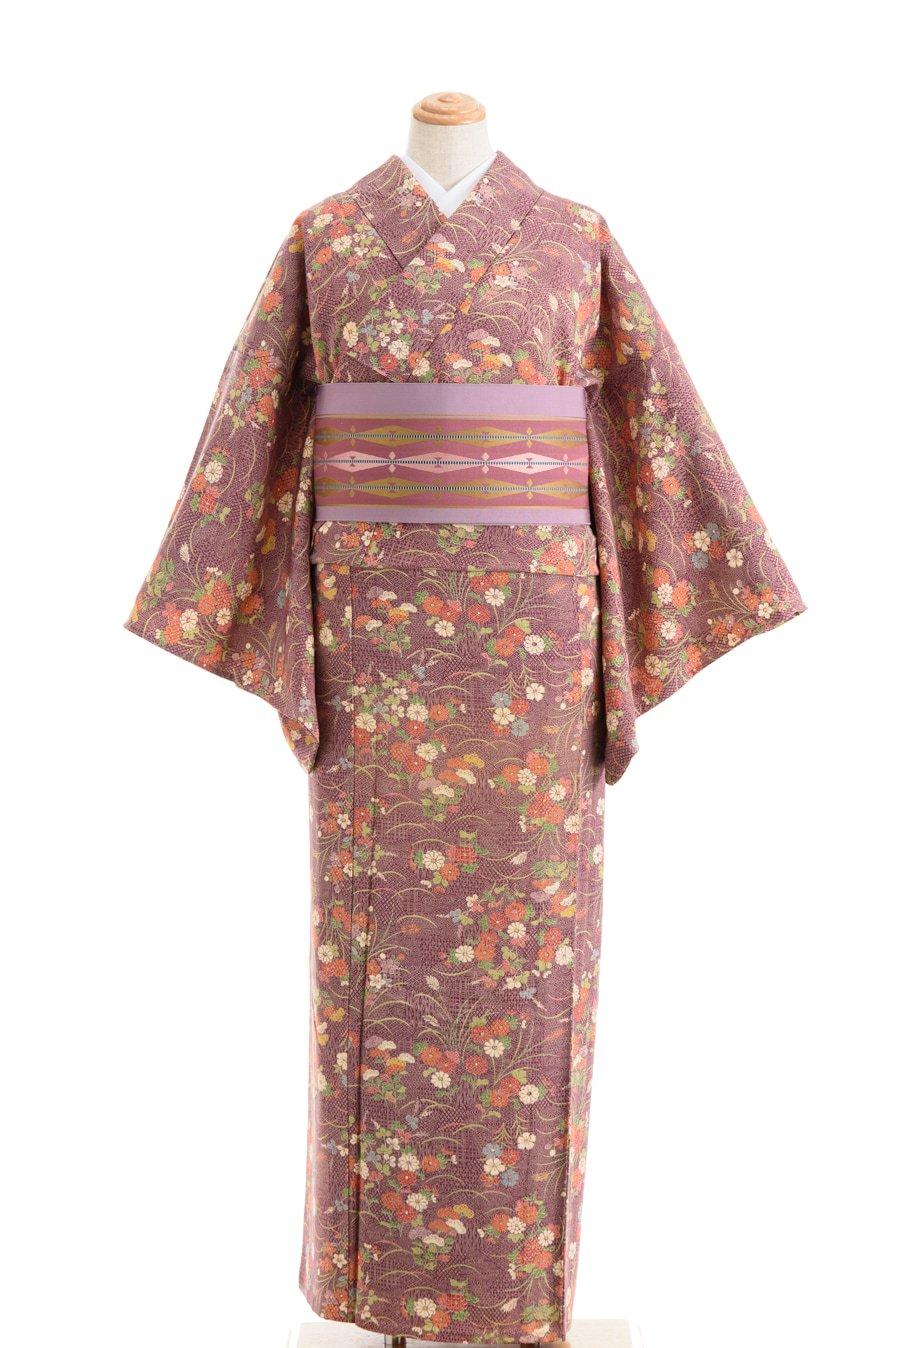 「単衣 紫の地 秋草模様」の商品画像